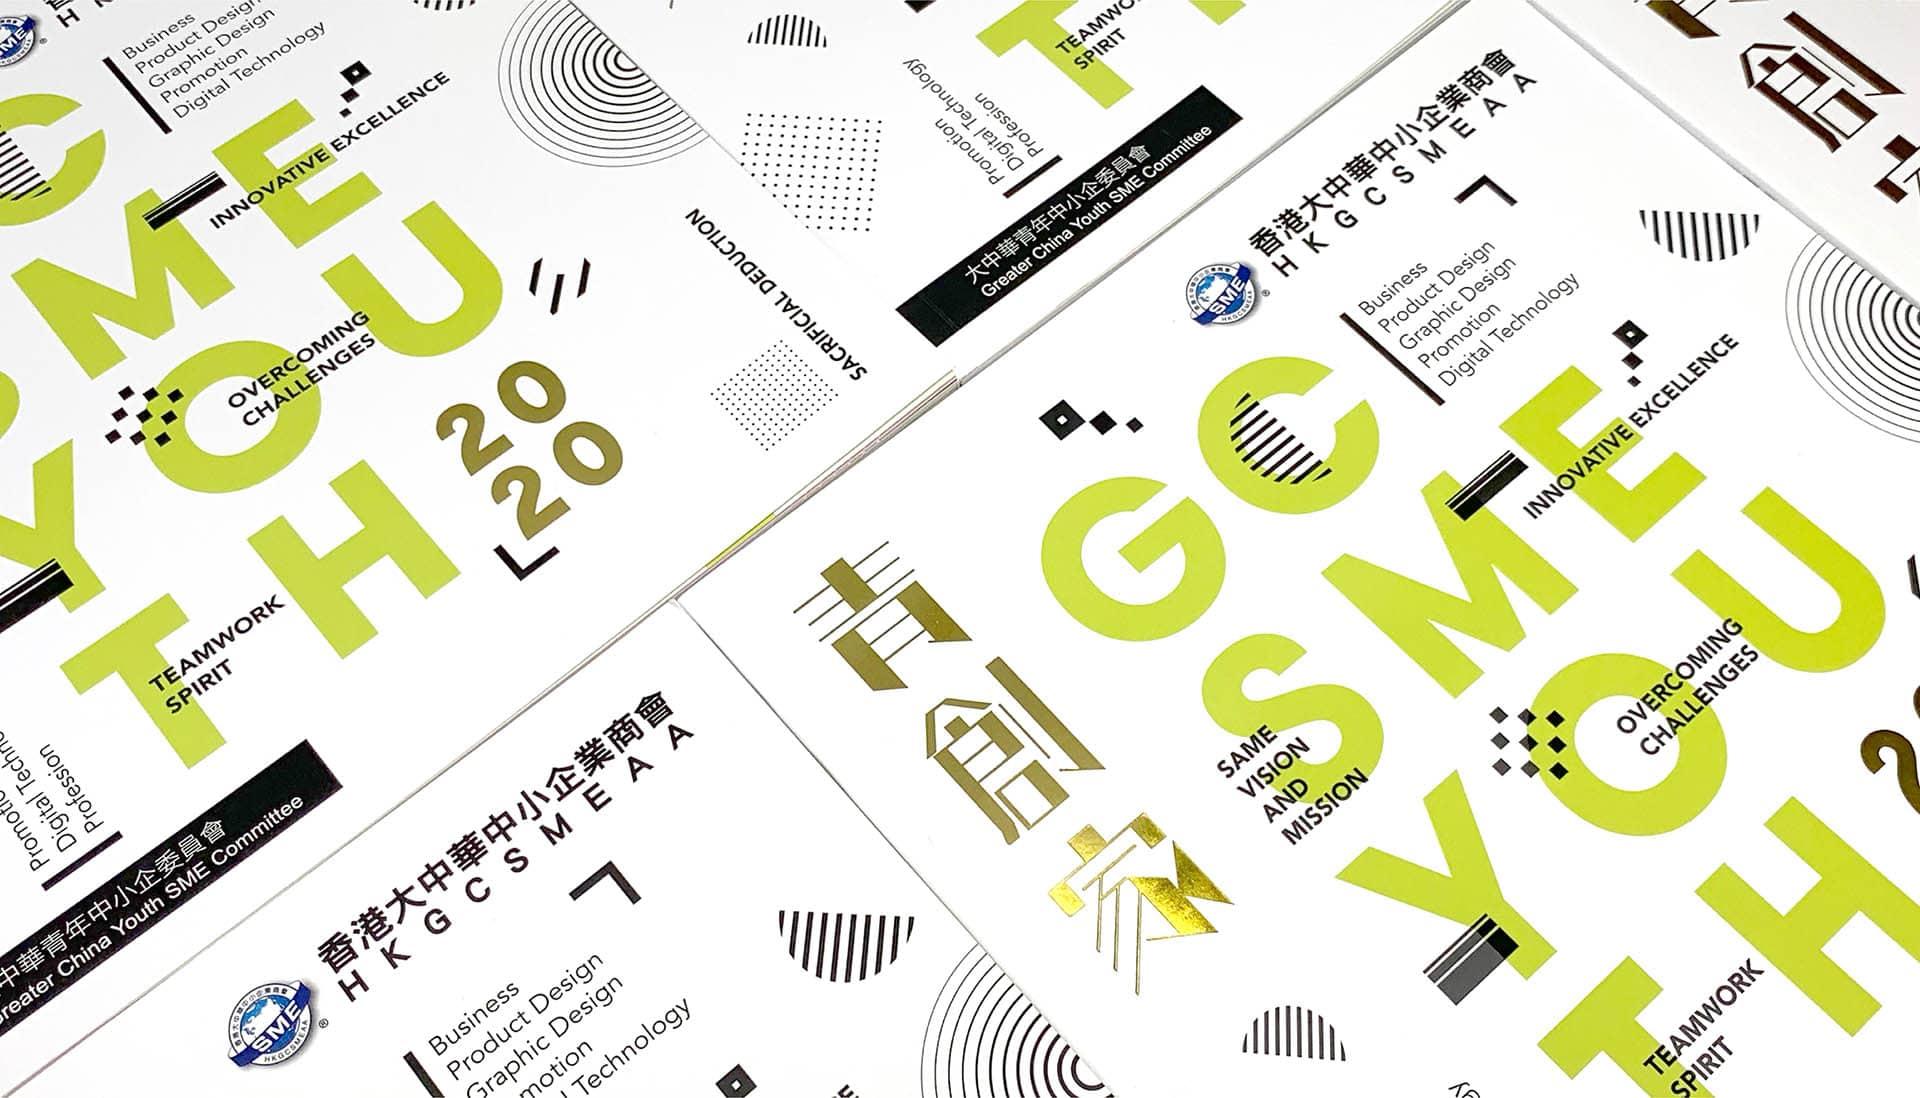 香港青年創業家協會|書籍設計及製作